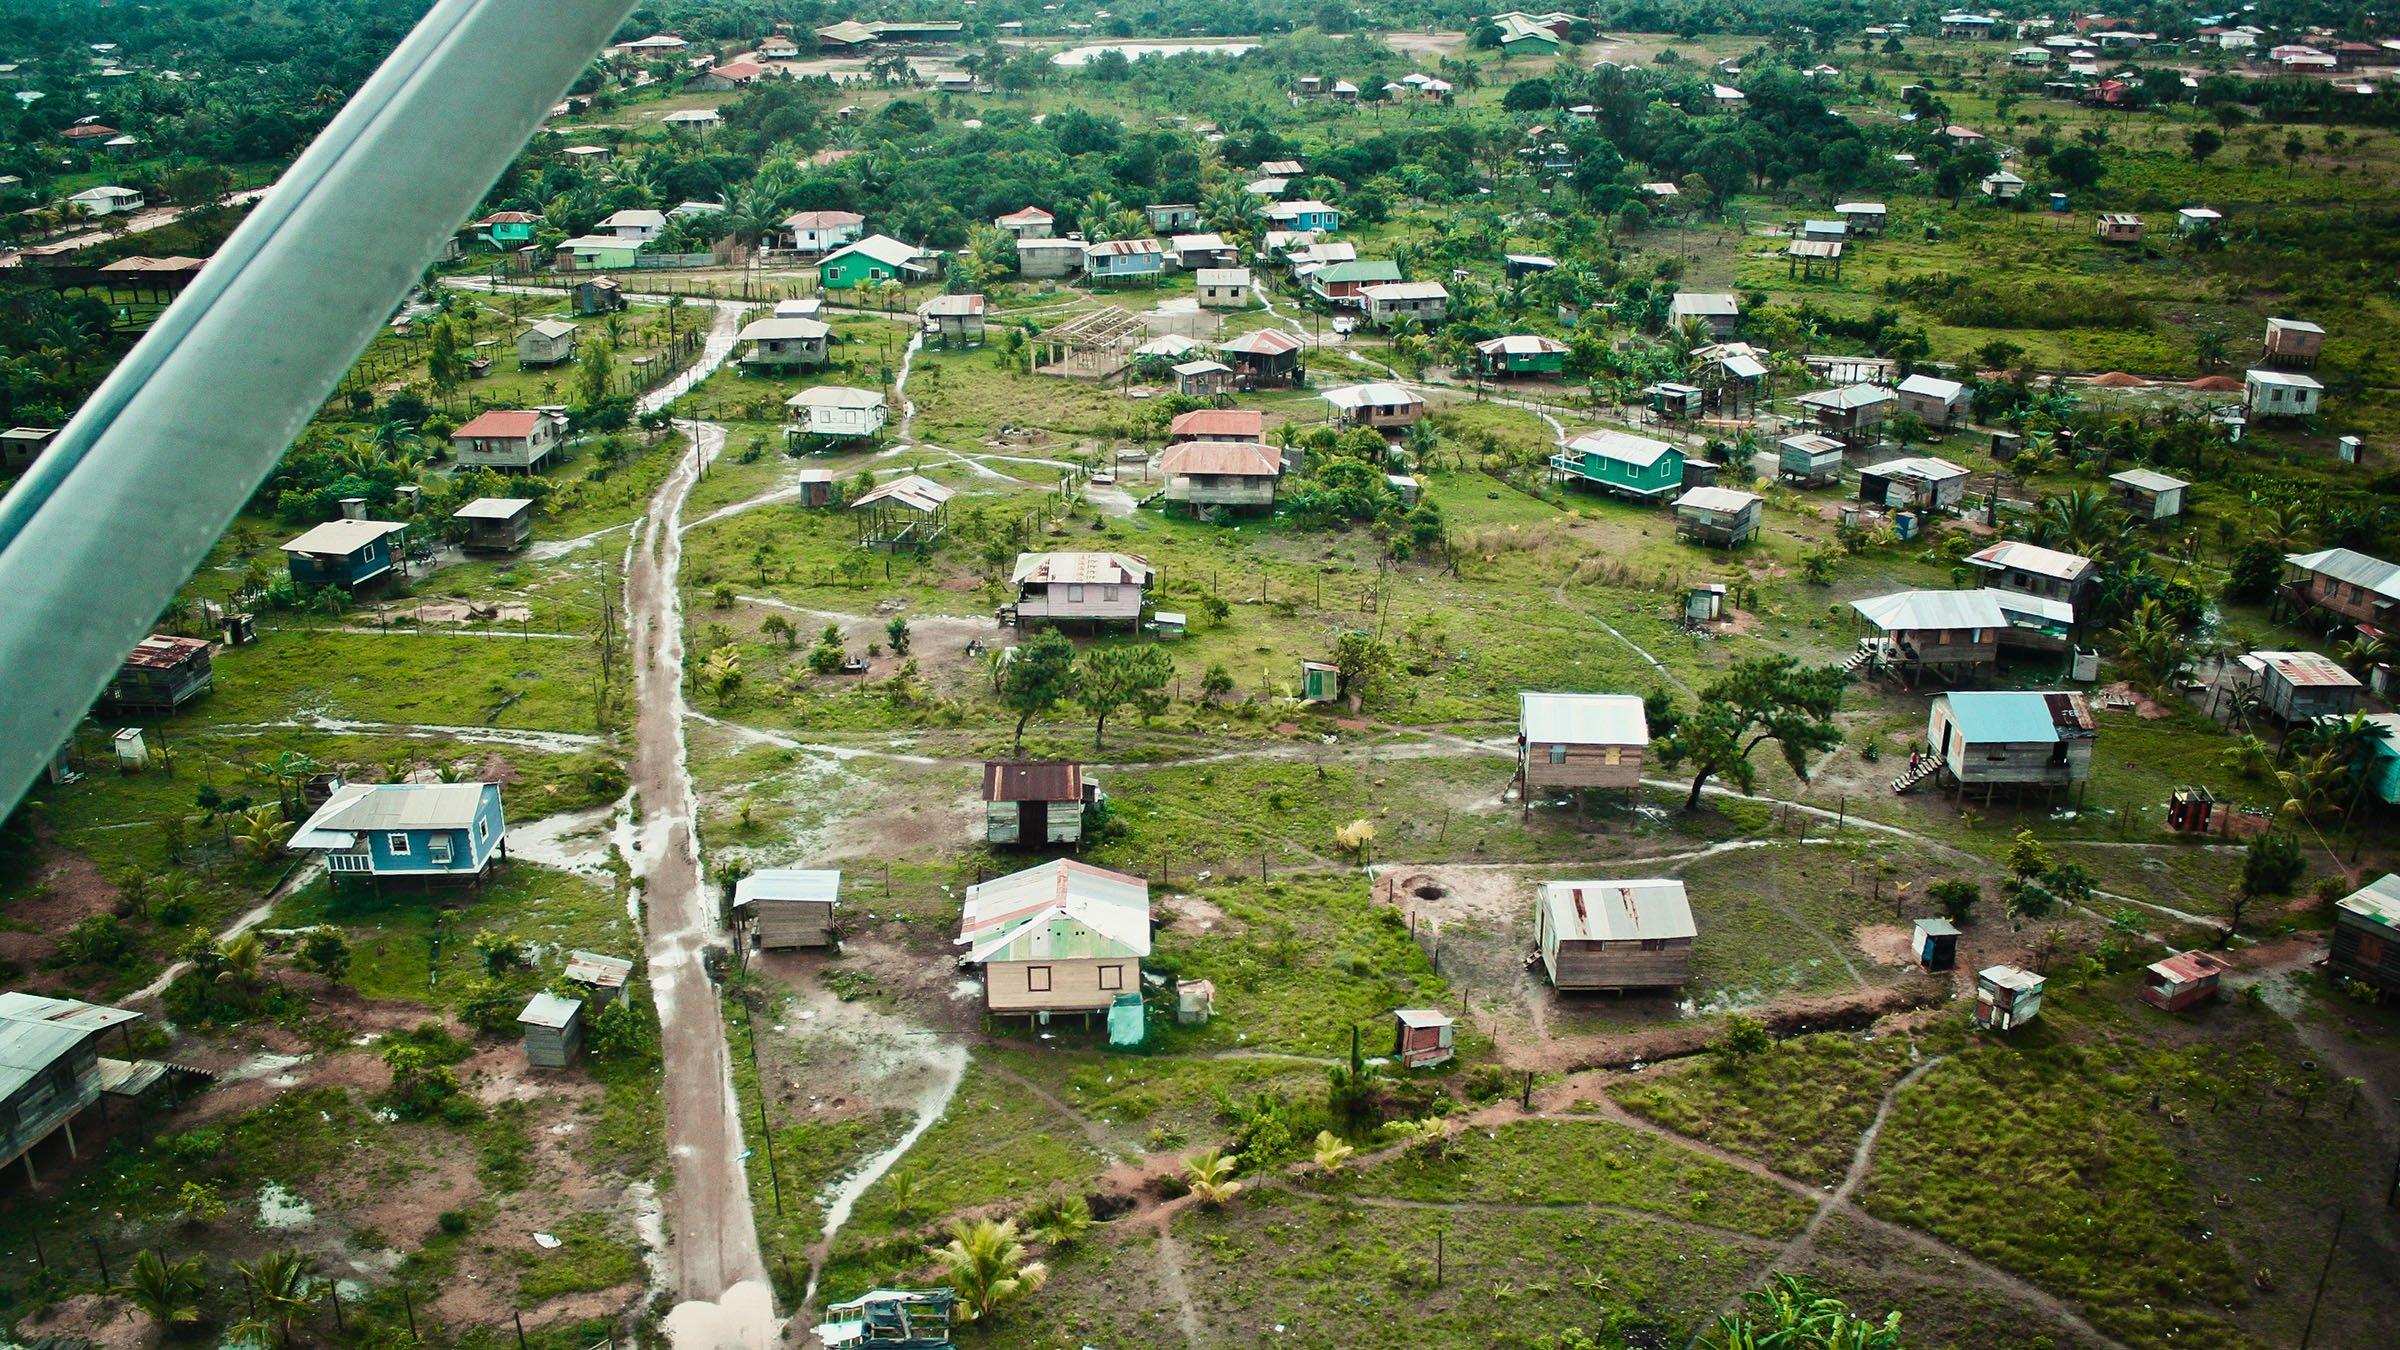 Vista aérea de Puerto Cabezas, en Costa Caribe Norte, Nicaragua